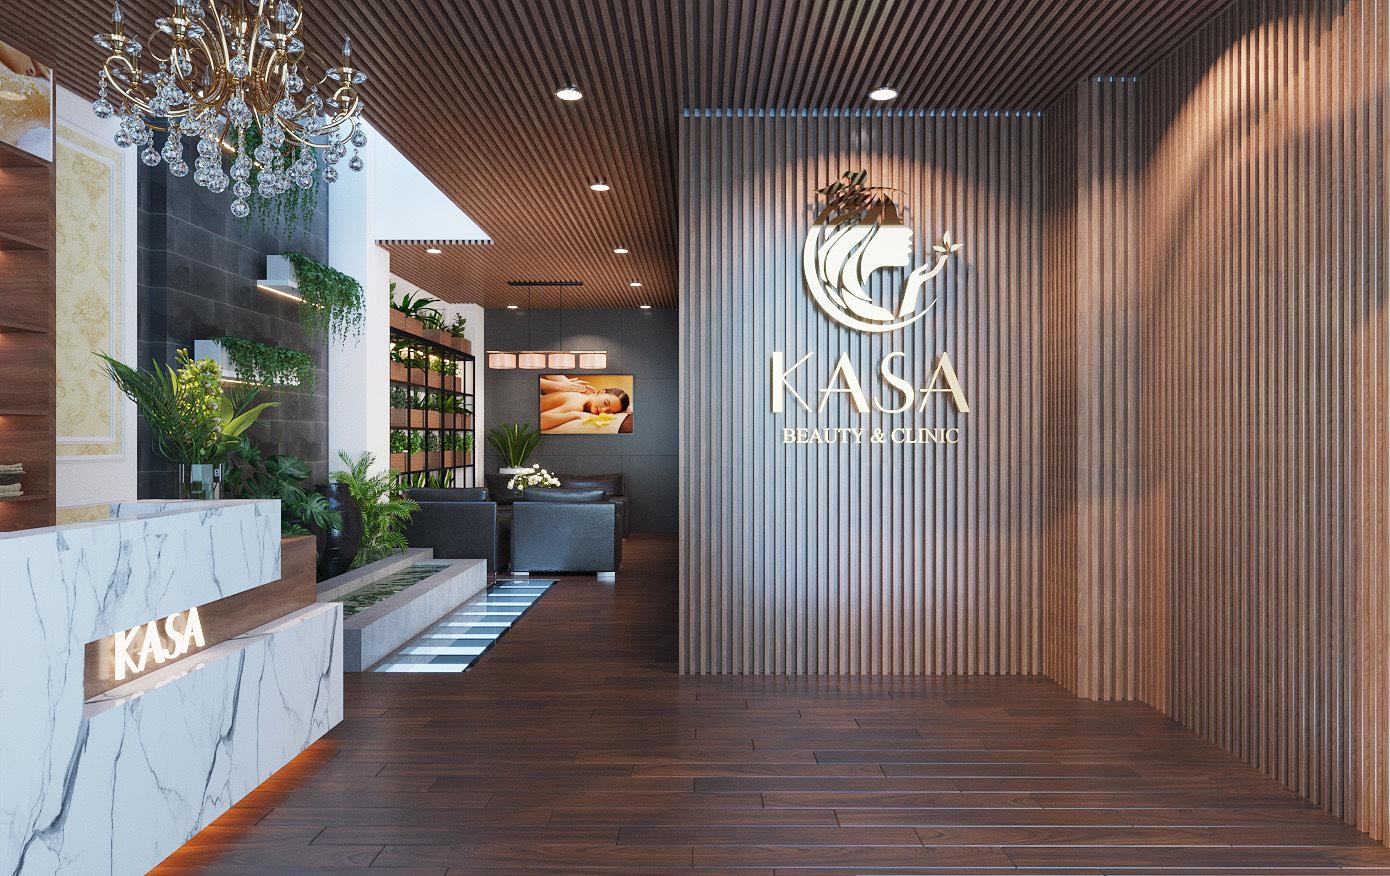 """Máy điều trị nám da Caspian: """"Báu vật"""" của ngành Thẩm mỹ tại Kasa Beauty Clinic"""